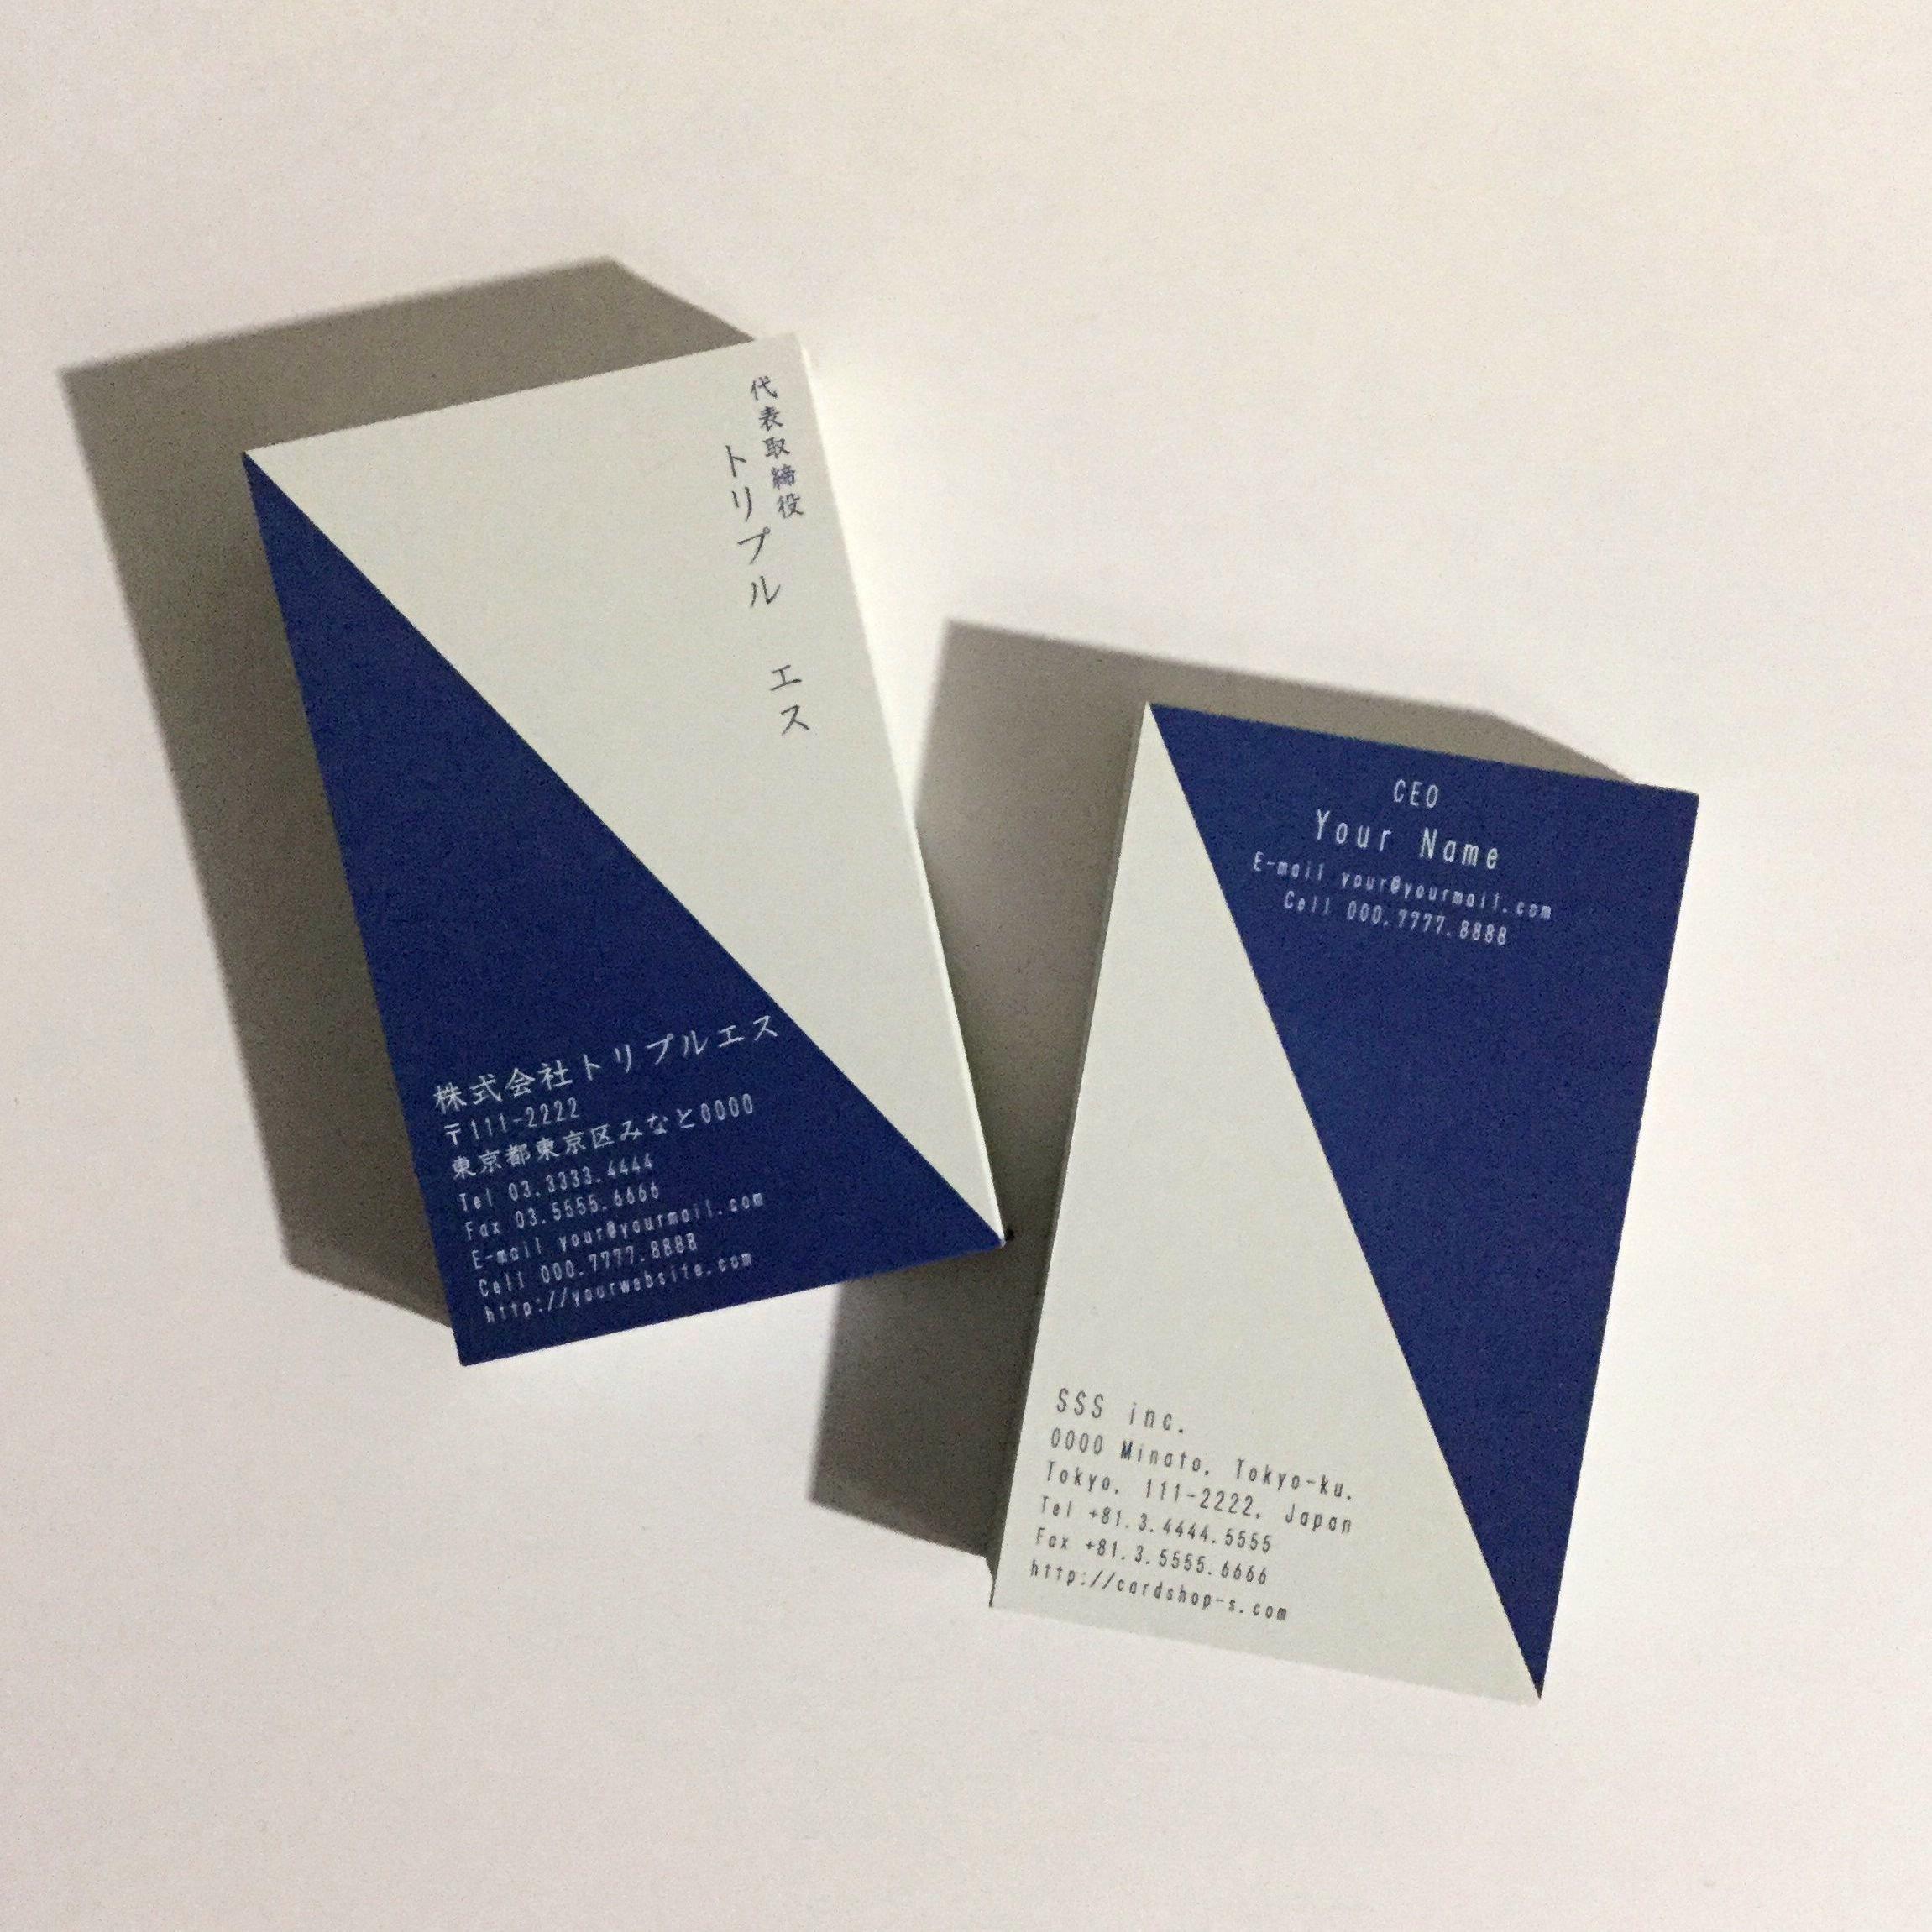 18d1_nev【100枚】ビジネス名刺【英表記】